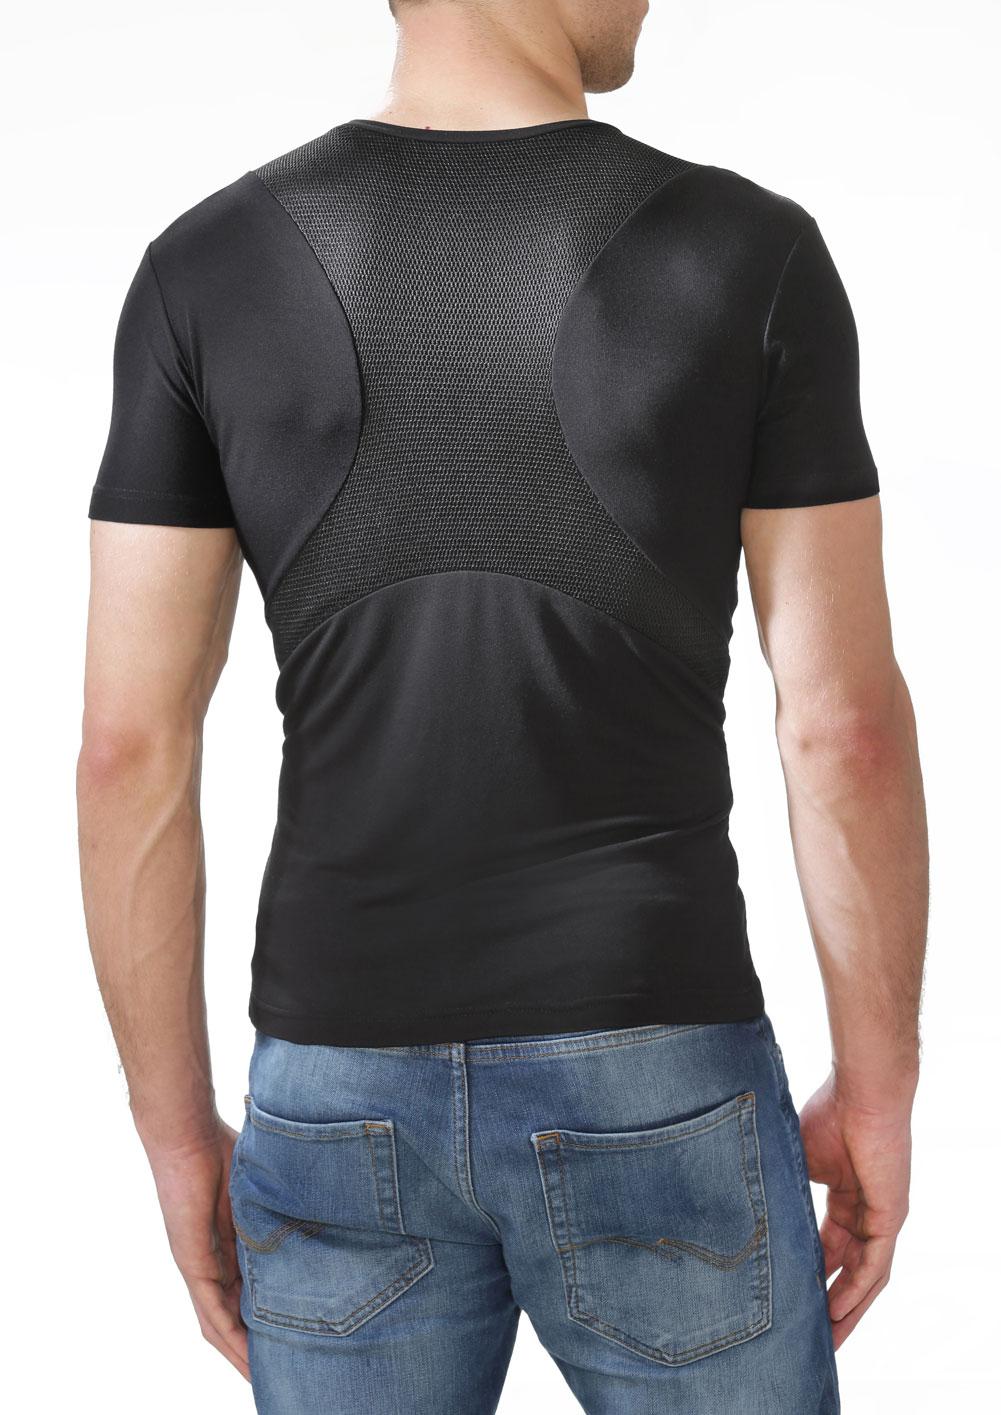 Men-Shirt-RacerBack-RT.jpg